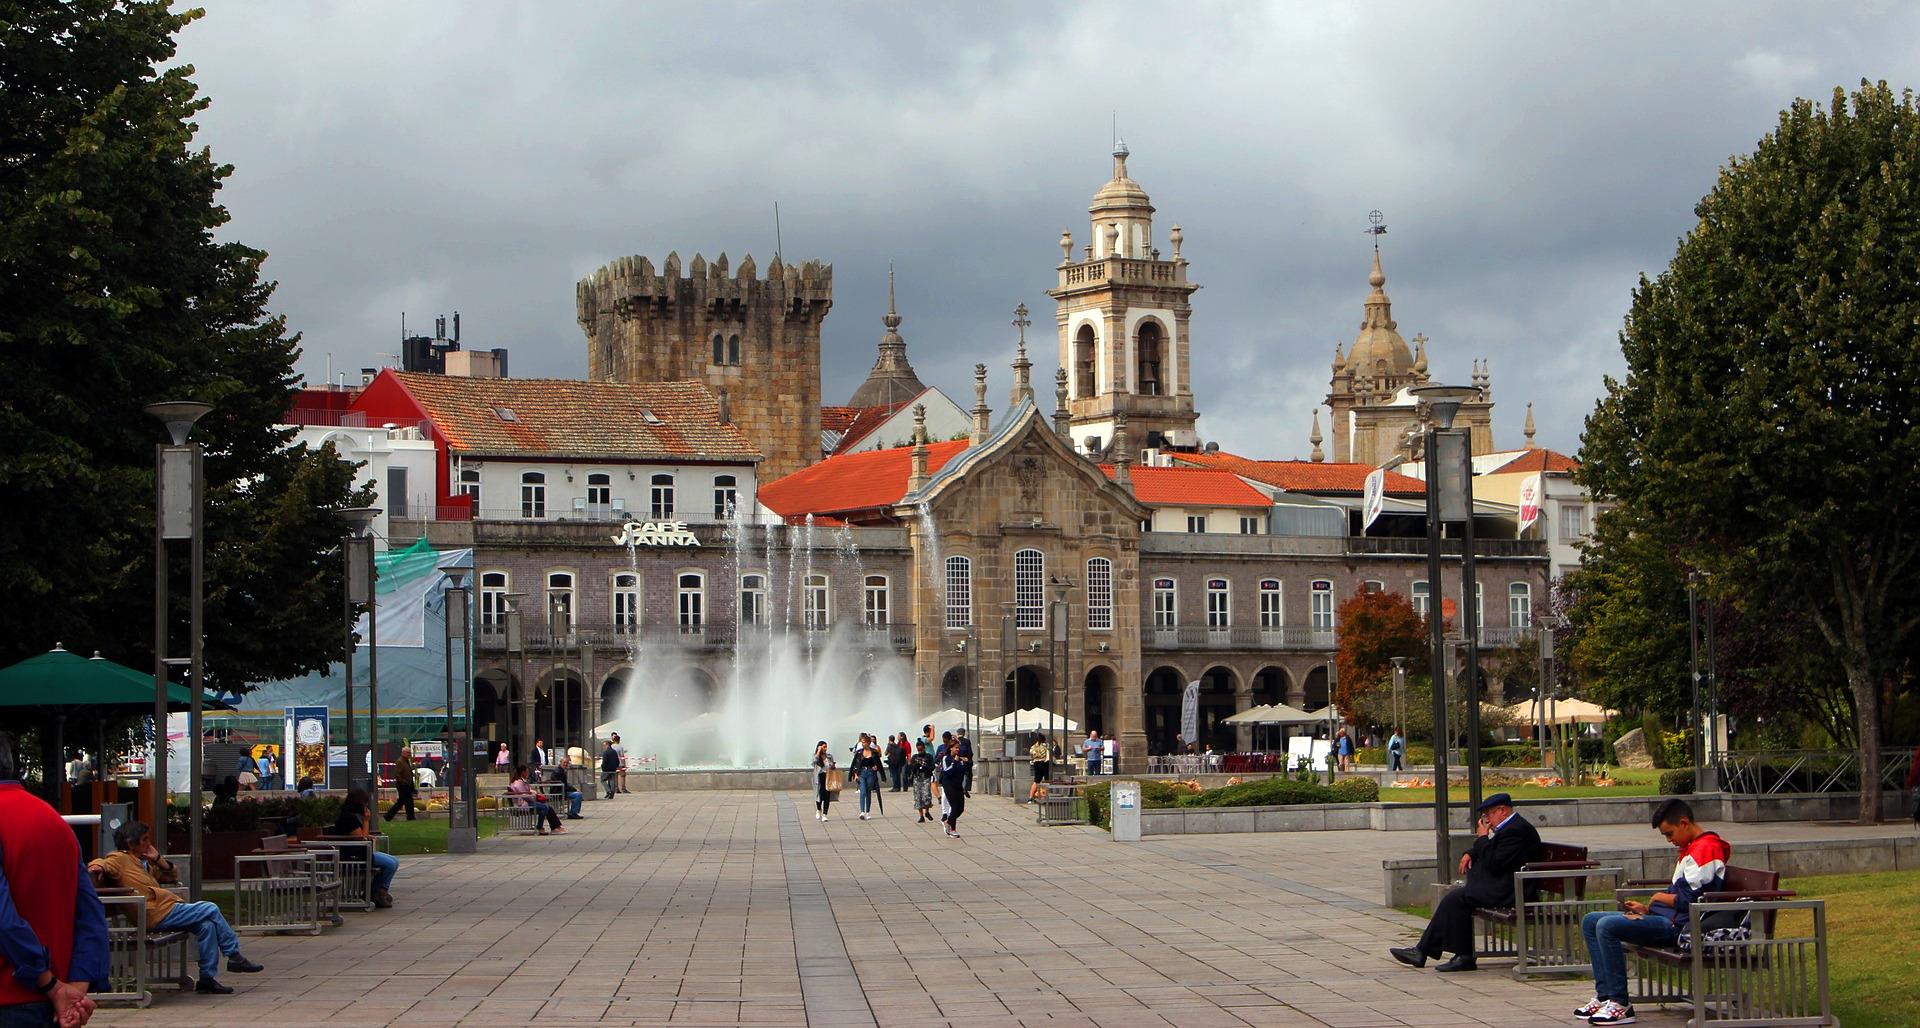 O Que Visitar Em Braga A Cidade Dos Arcebispos